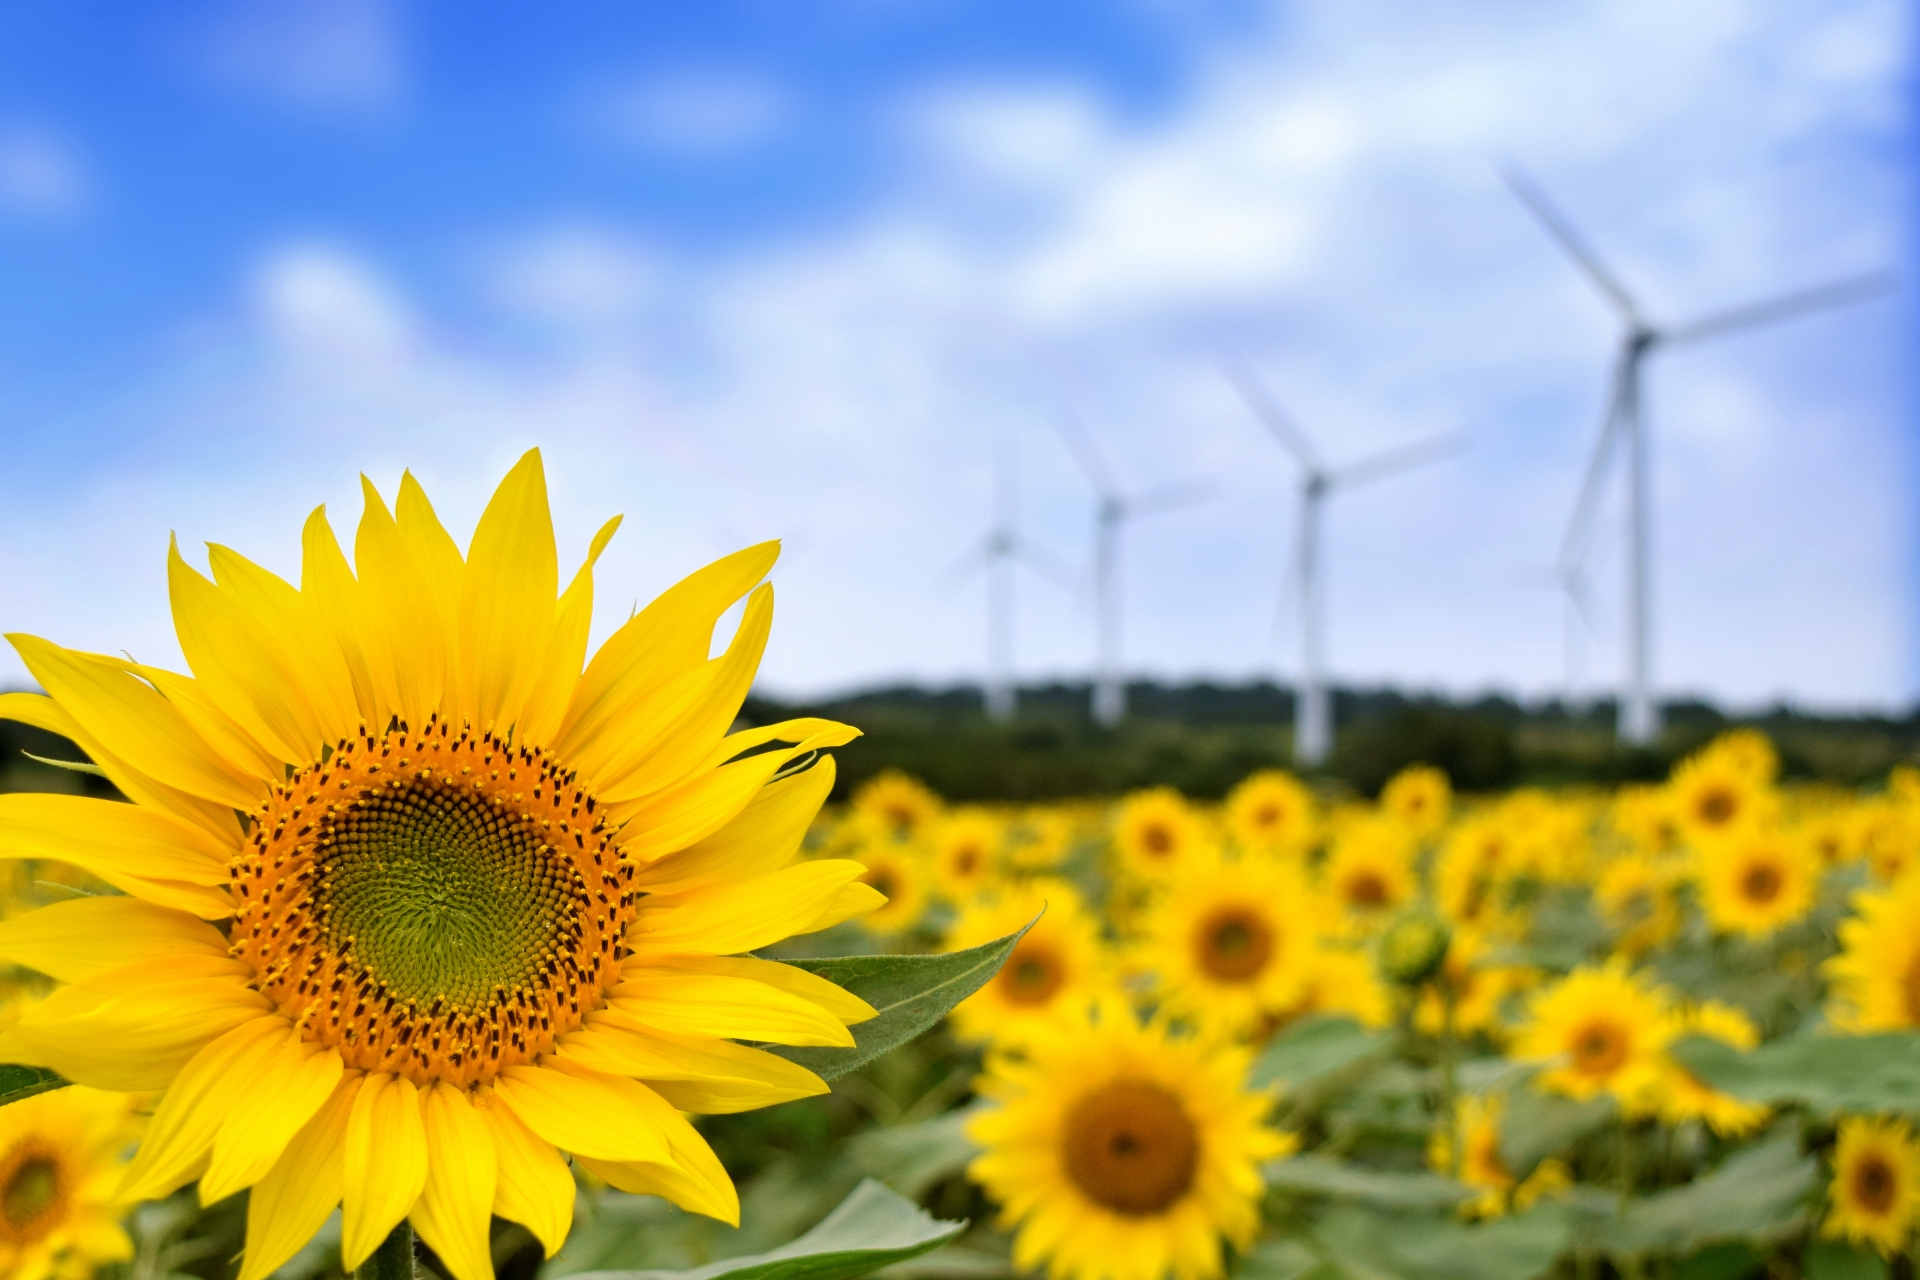 郡山布引高原のひまわりと風力発電機群